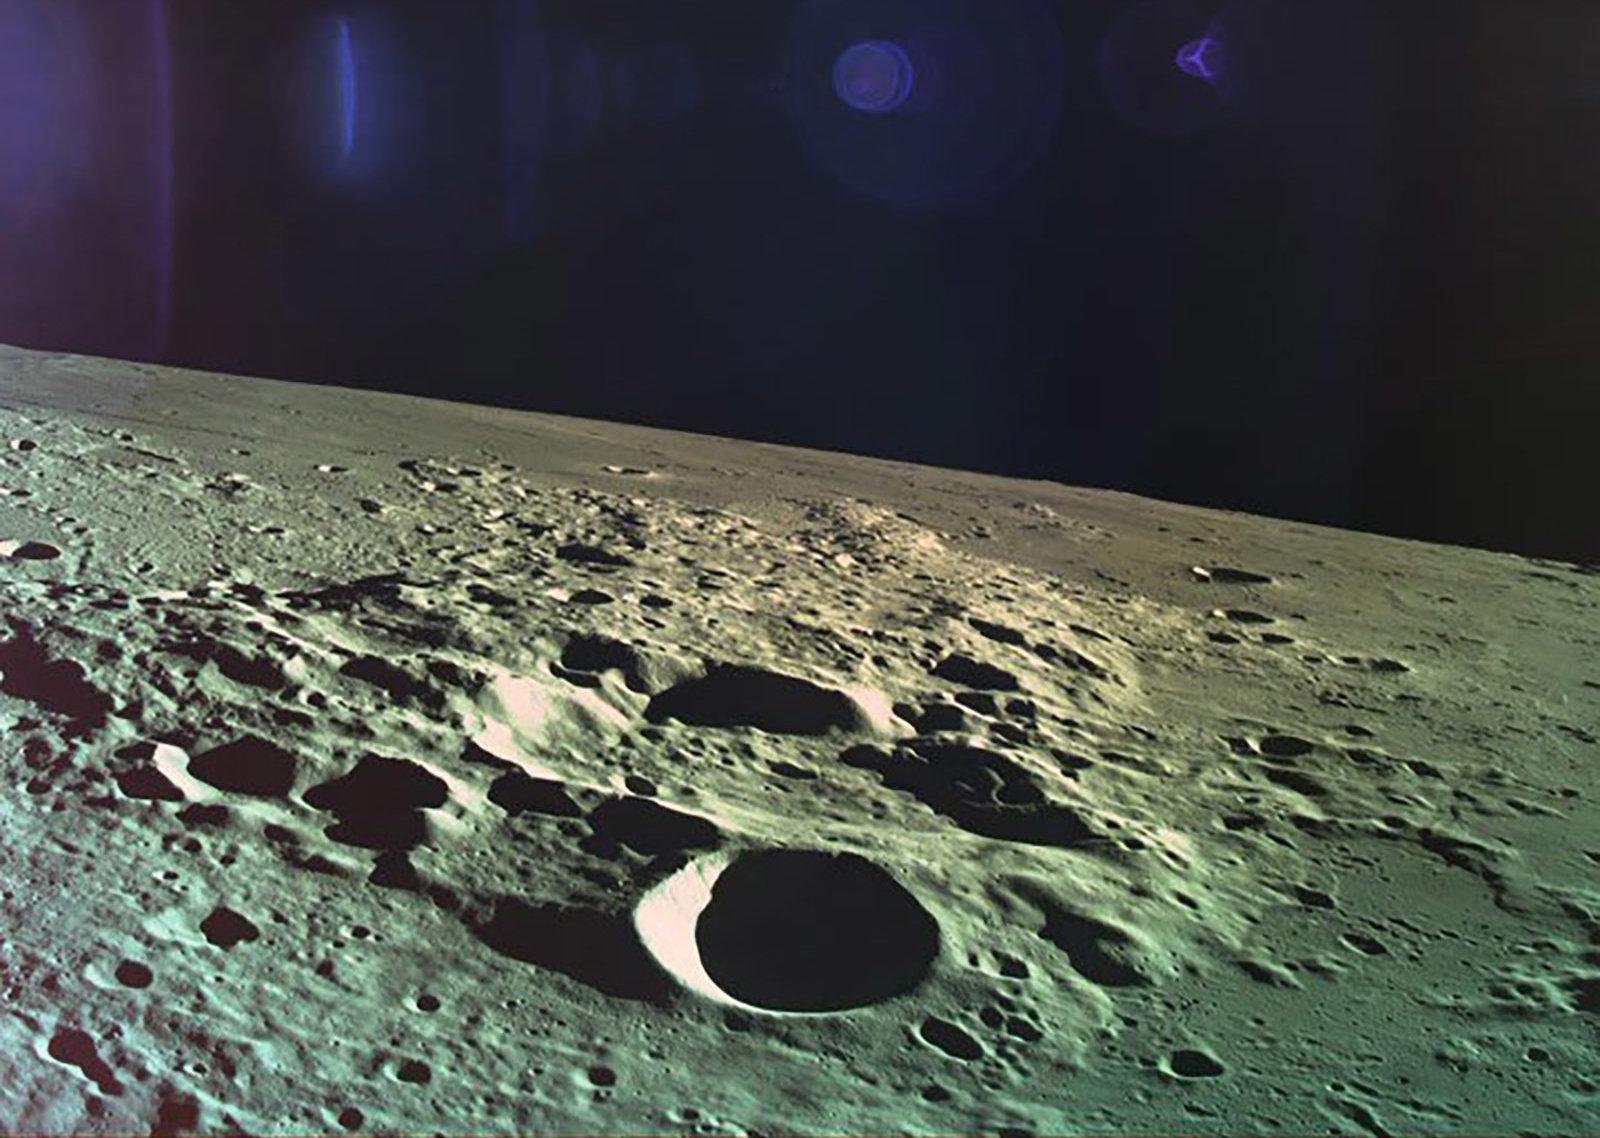 Μυστηριώδης ανακάλυψη στη Σελήνη